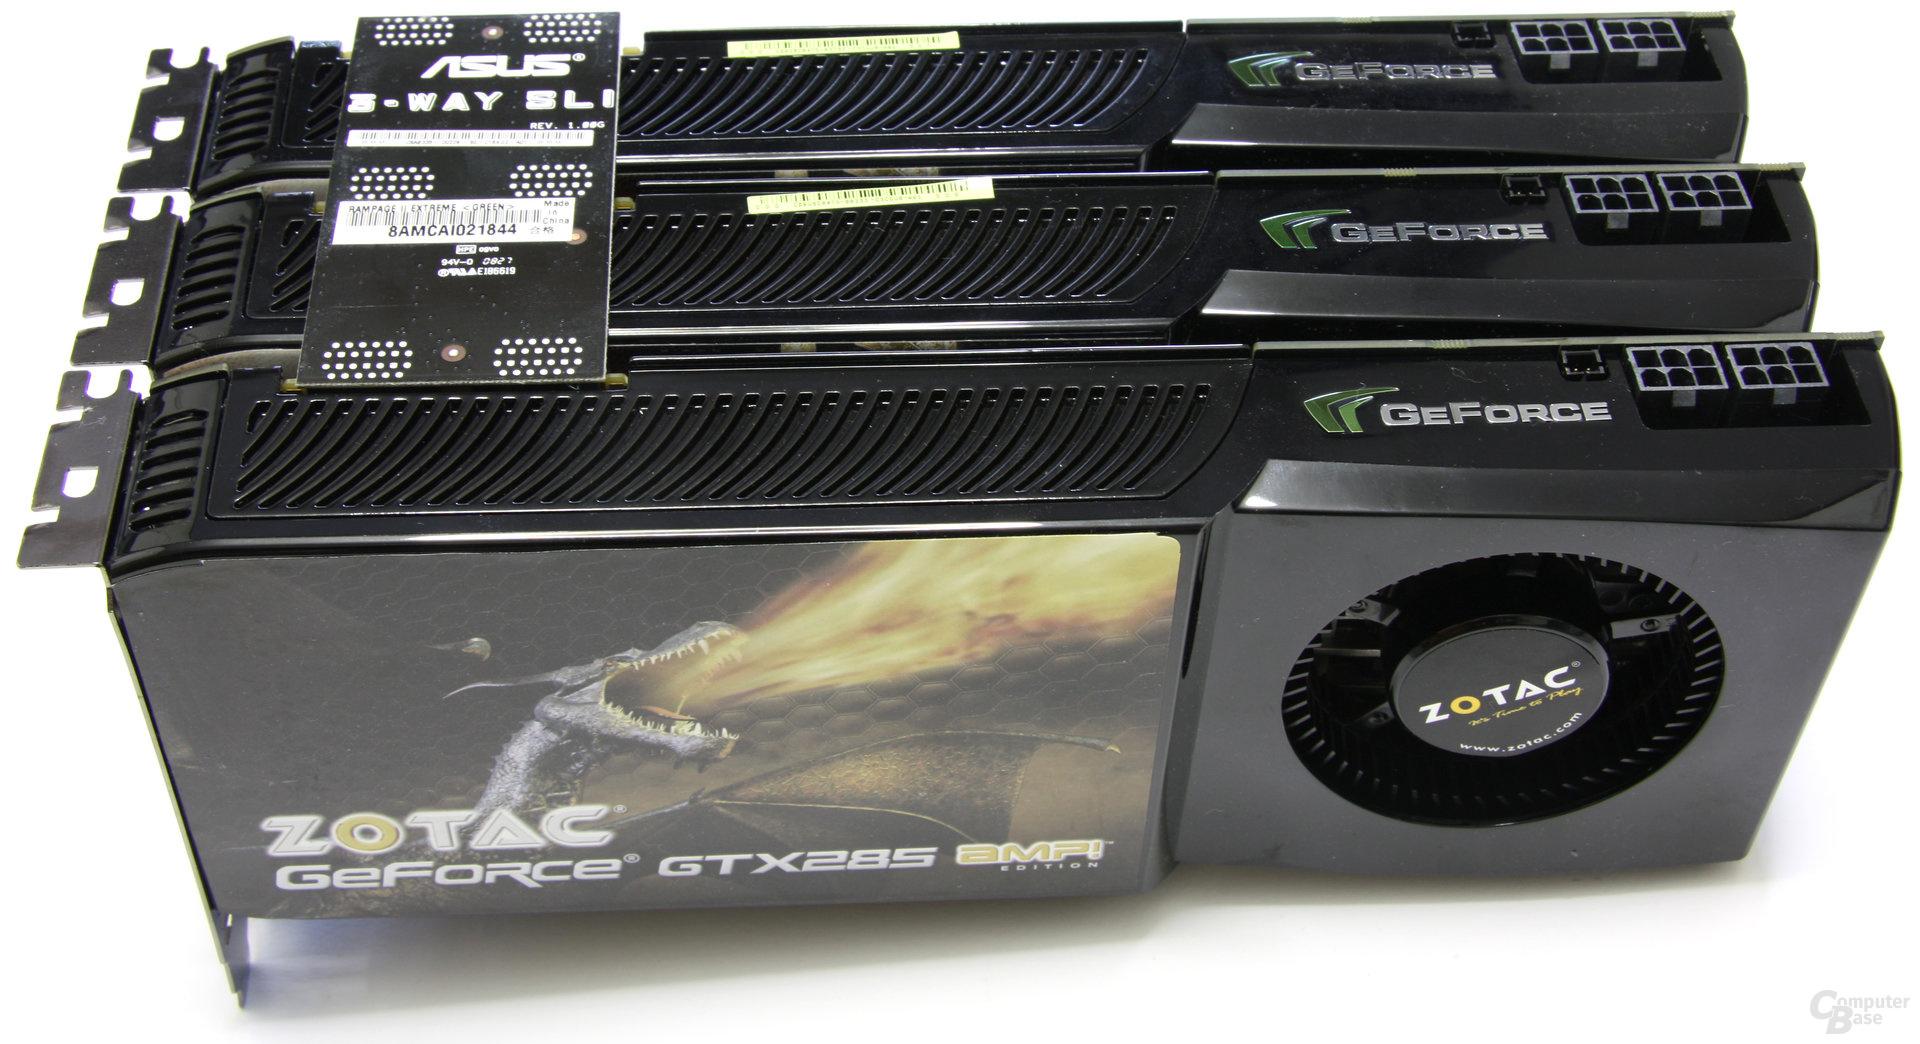 3-Way-SLI mit 3x Nvidia GeForce GTX 285